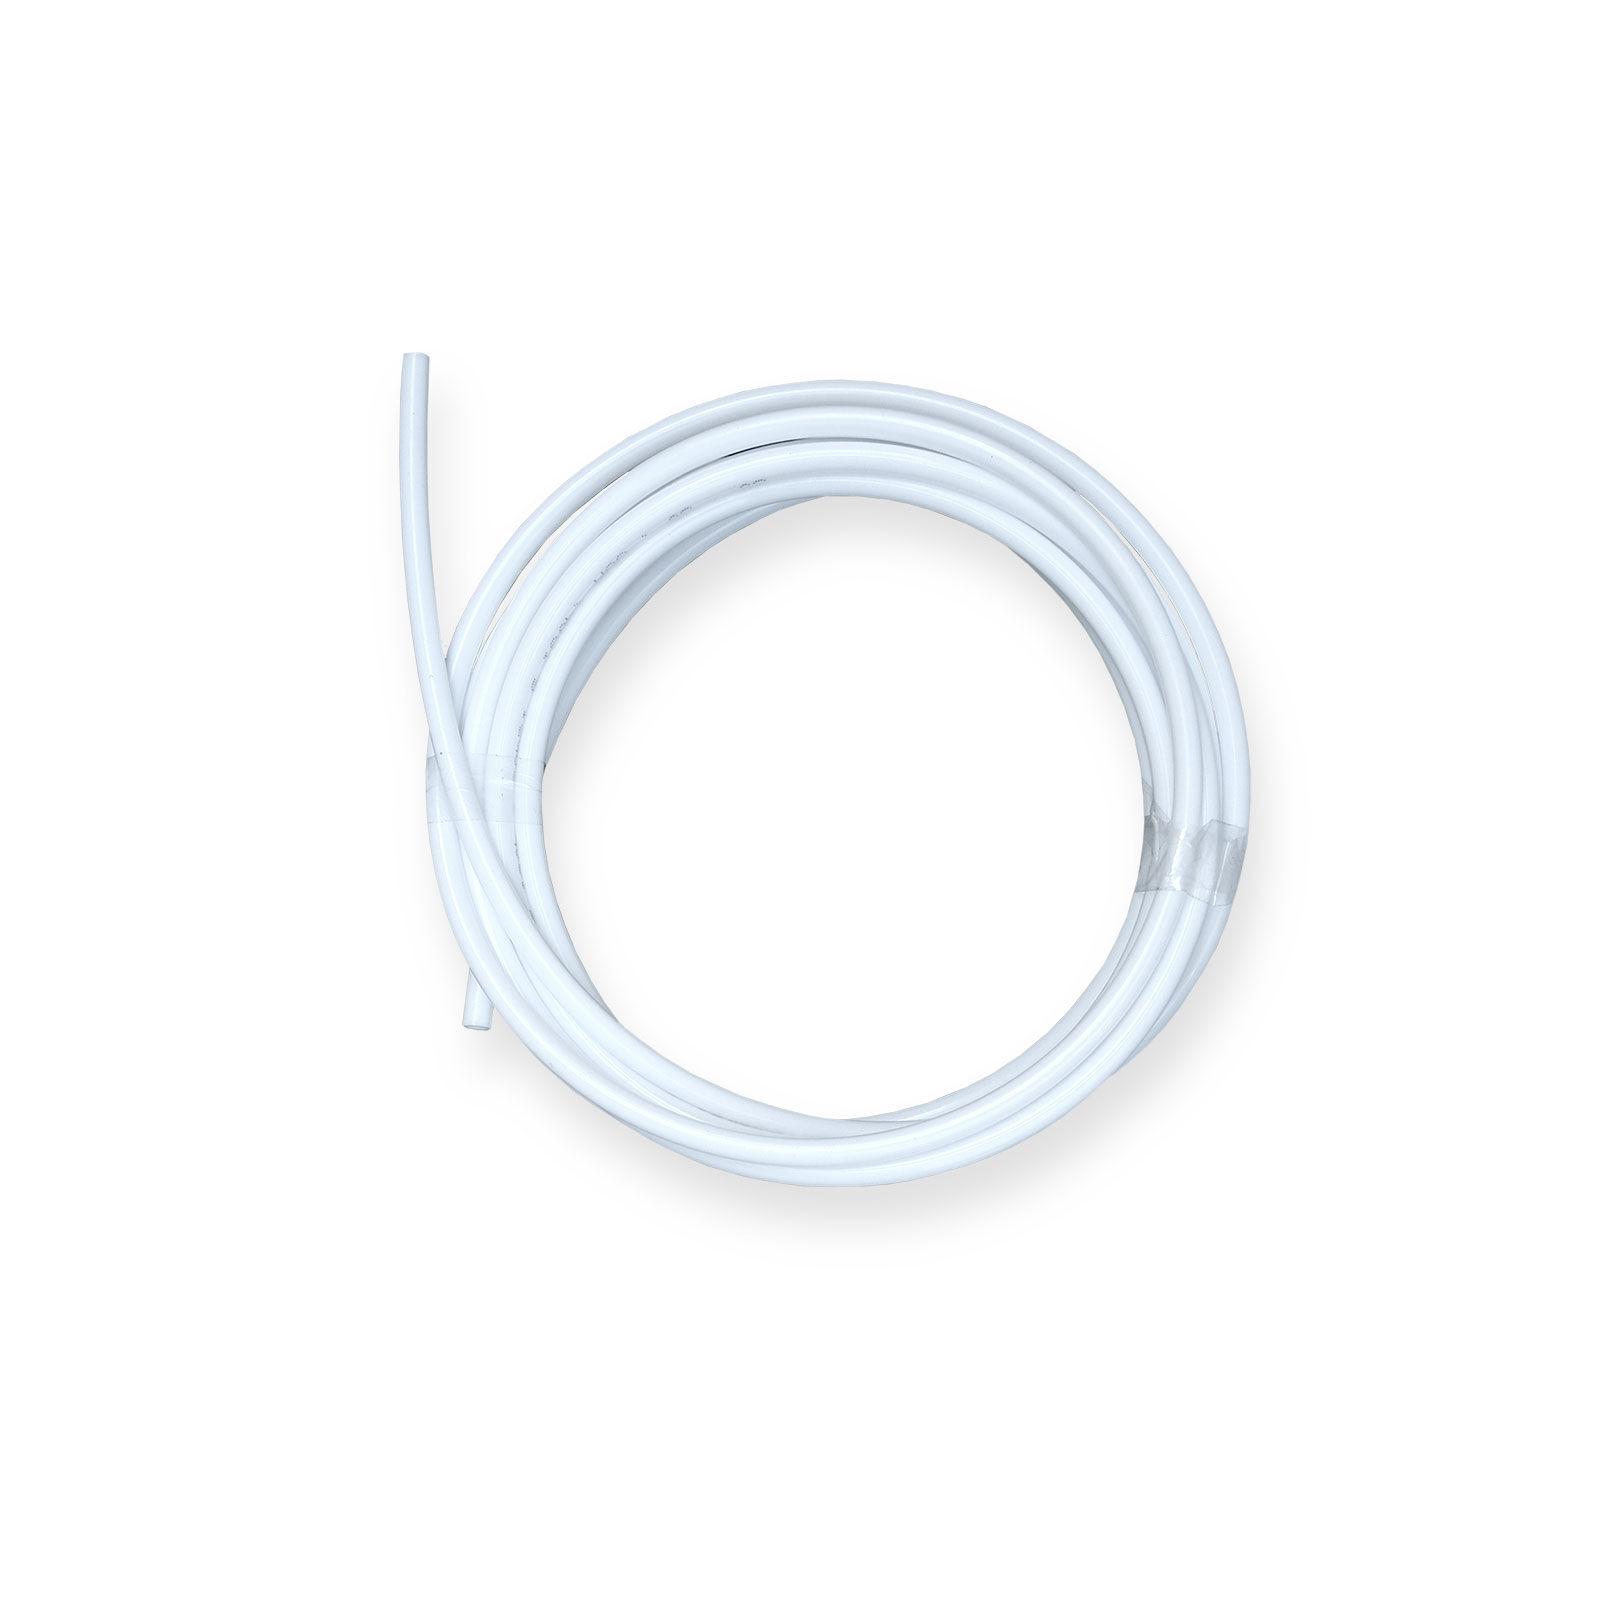 Aquafilter Schlauch 6,4mm (1/4